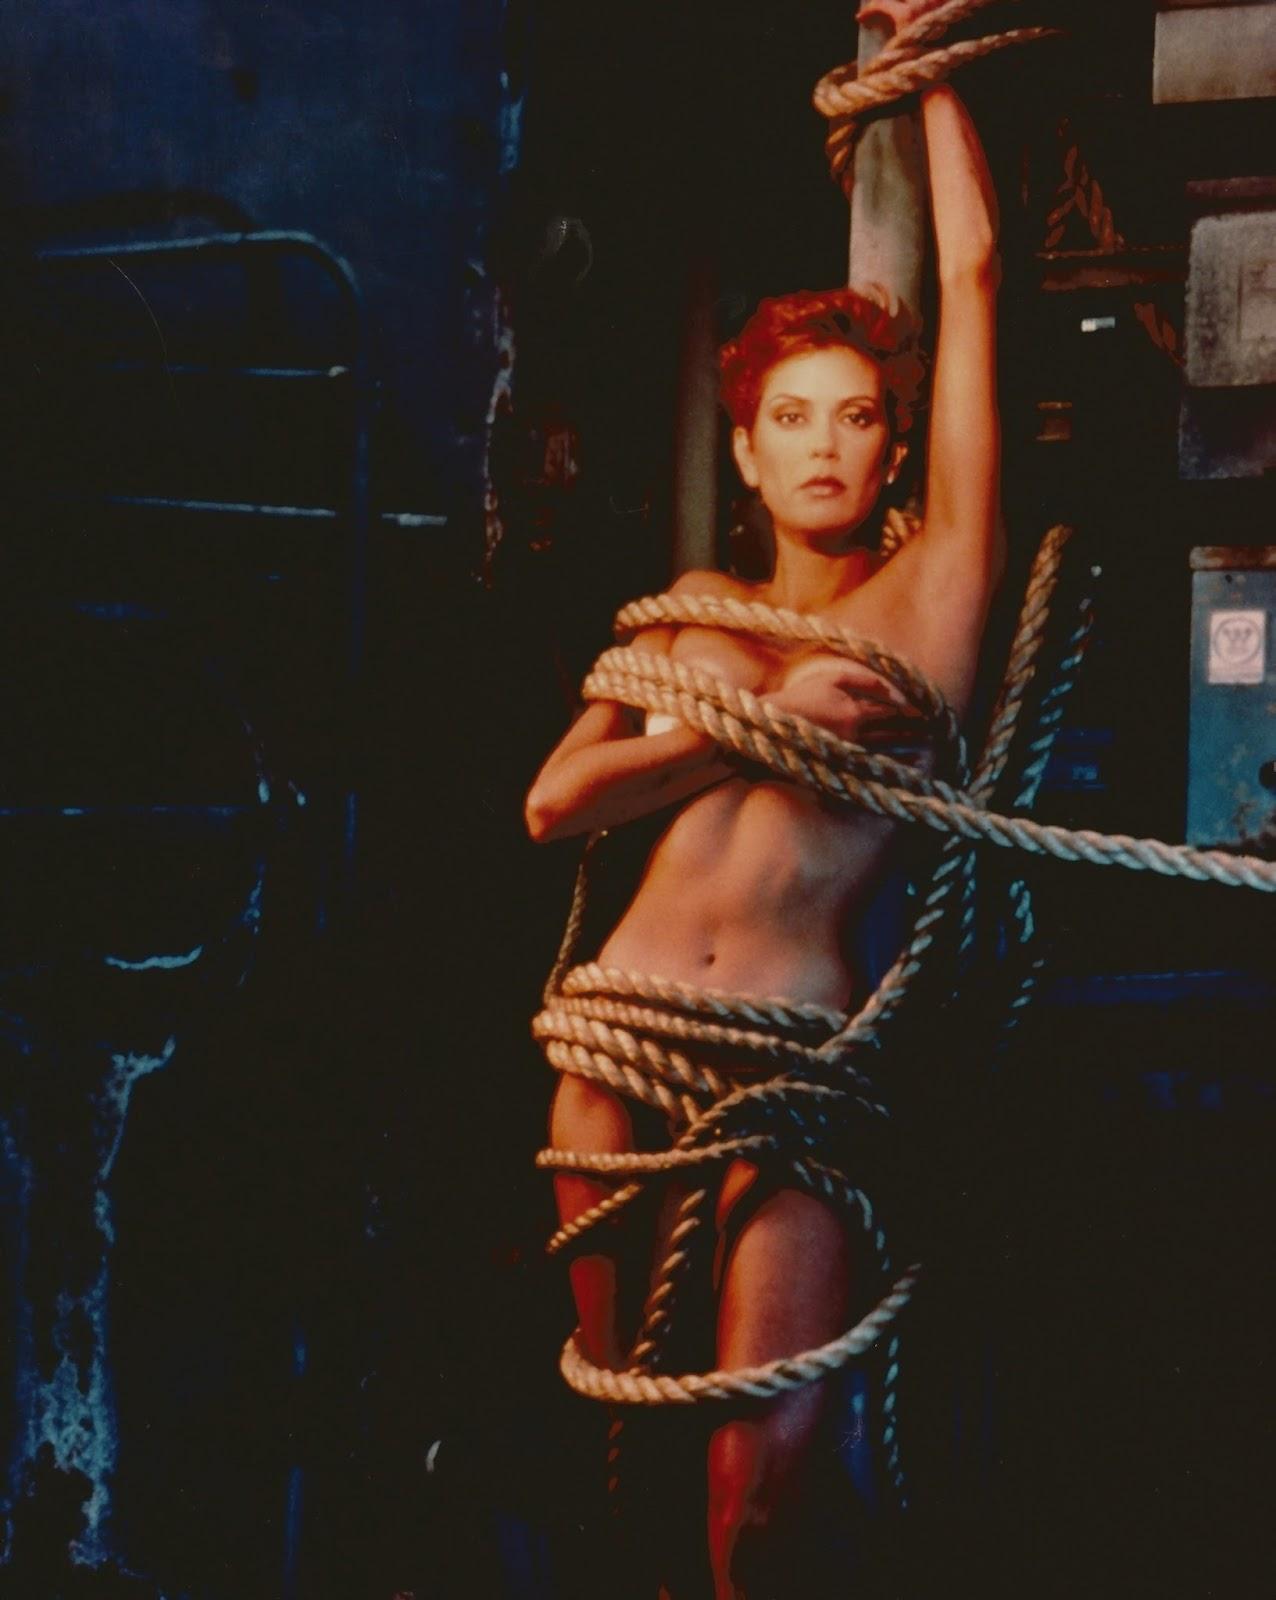 Fotos desnudas de teri hatcher